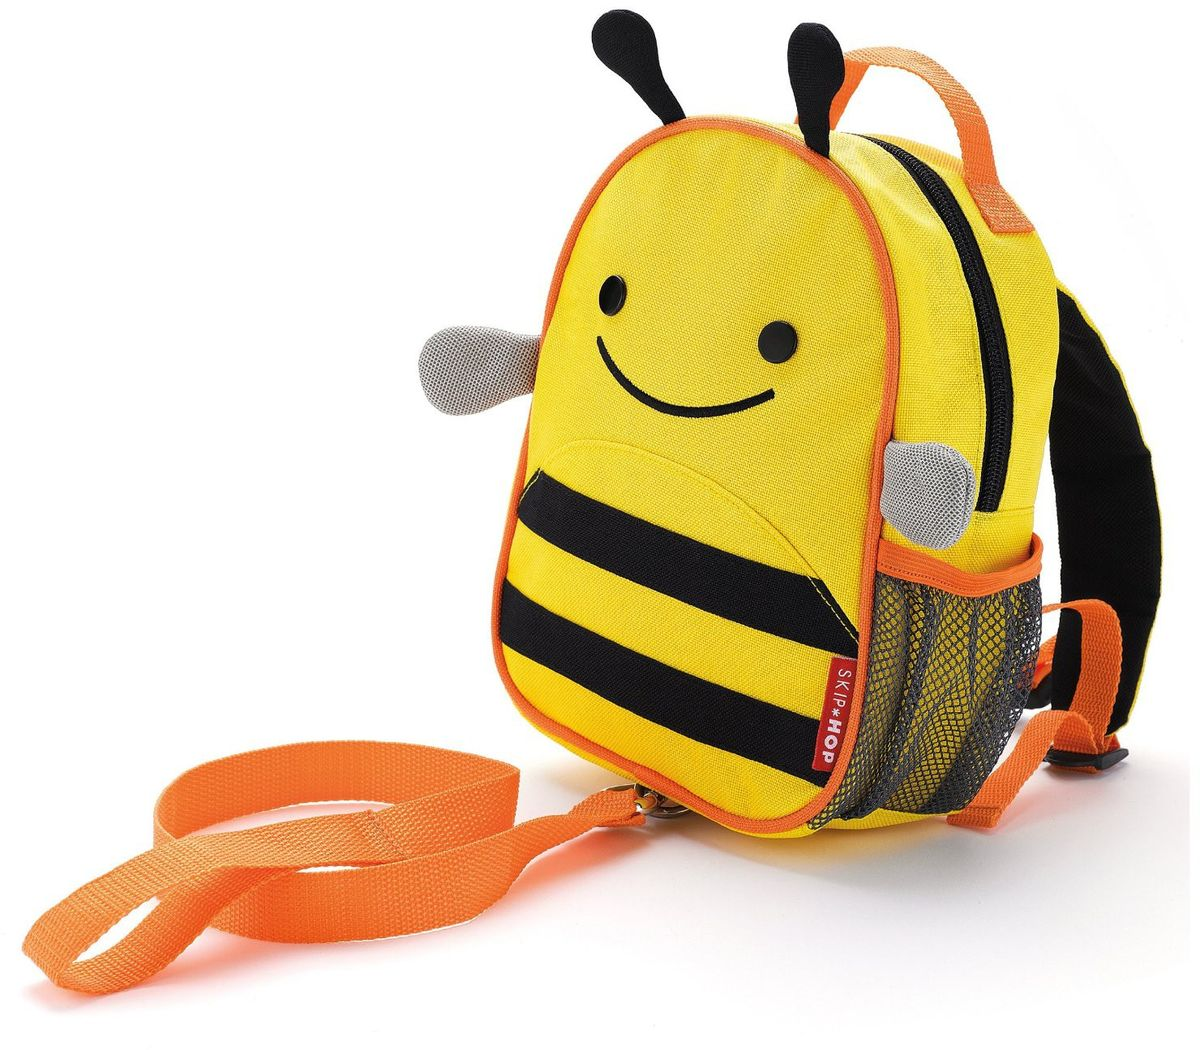 Skip Hop Рюкзак дошкольный Пчела с поводкомSH 212205Дошкольный рюкзак Skip Hop, выполненный в виде пчелки, поможет сделать первые шаги, подстрахует малыша в ответственный момент, огородит родителей от лишних волнений и беспокойств с помощью поводка для детской безопасности. При необходимости поводок можно отстегнуть.Милая мордашка животного всегда будет поднимать настроение, а вместительный кармашек позволит носить с собой необходимые вещи: пакетик с соком, любимые игрушки и блокноты для рисования.Рюкзак имеет одно отделение на застежке-молнии, в котором находится бирка для имени.